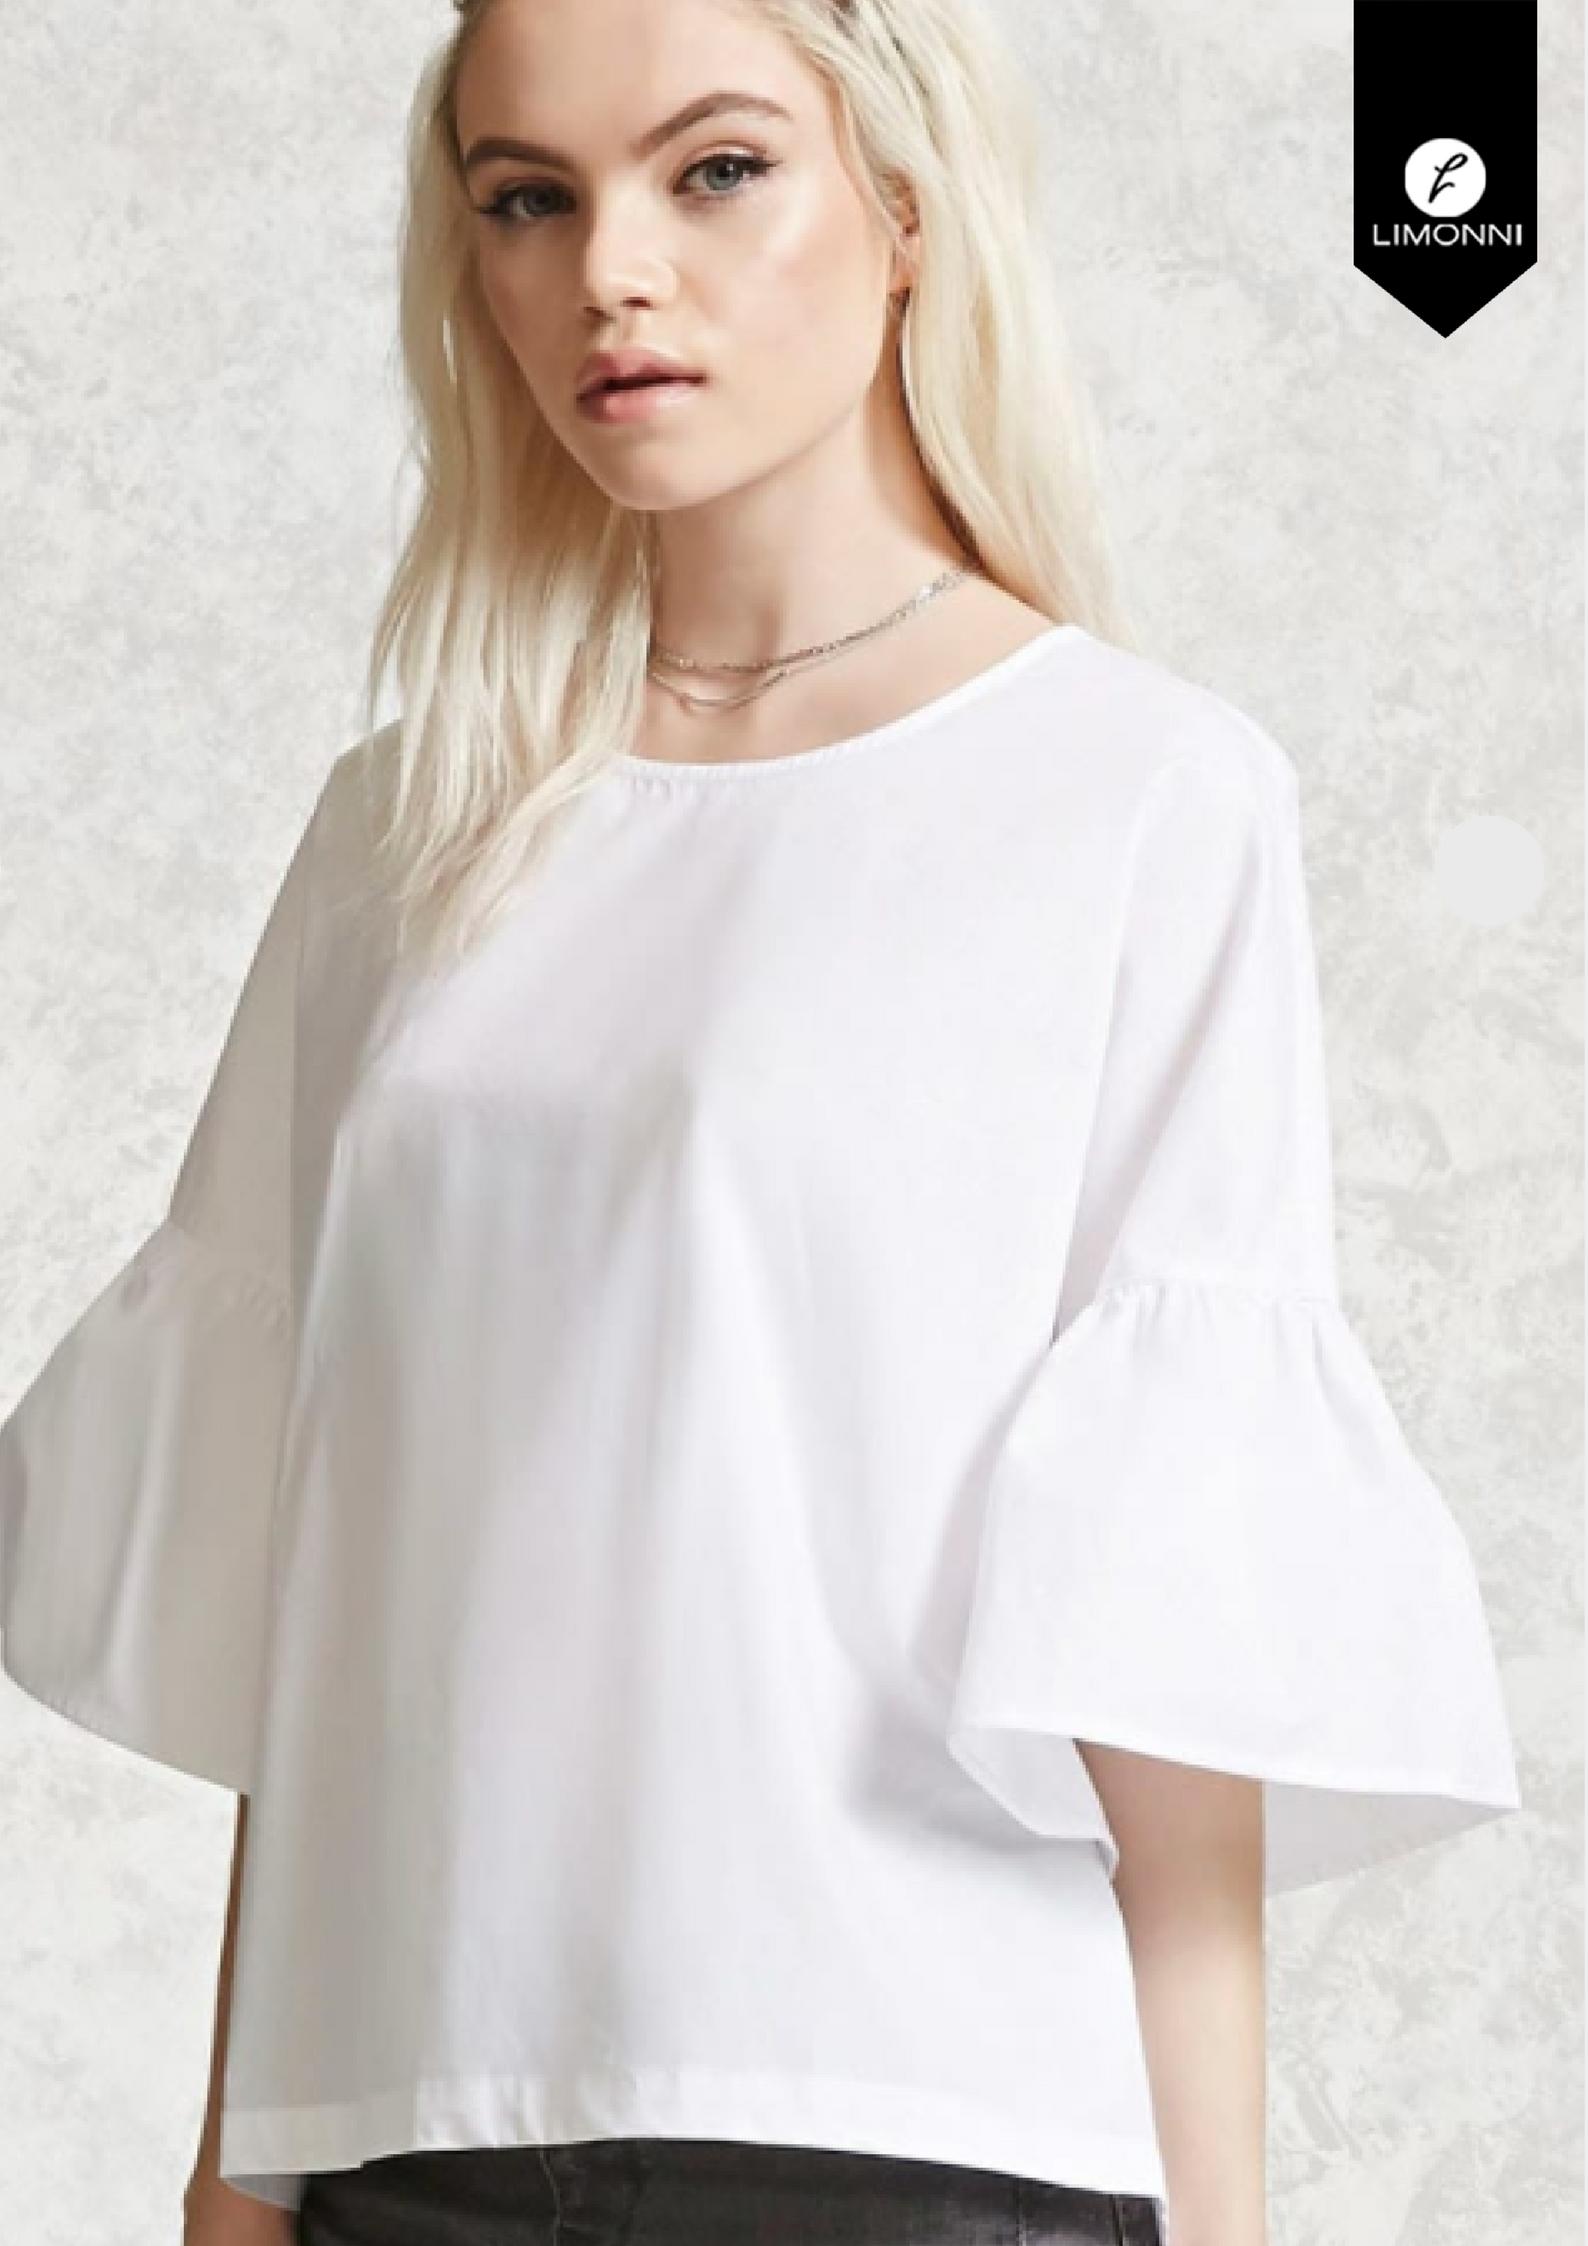 Blusas para mujer Limonni Novalee LI1565 Casuales